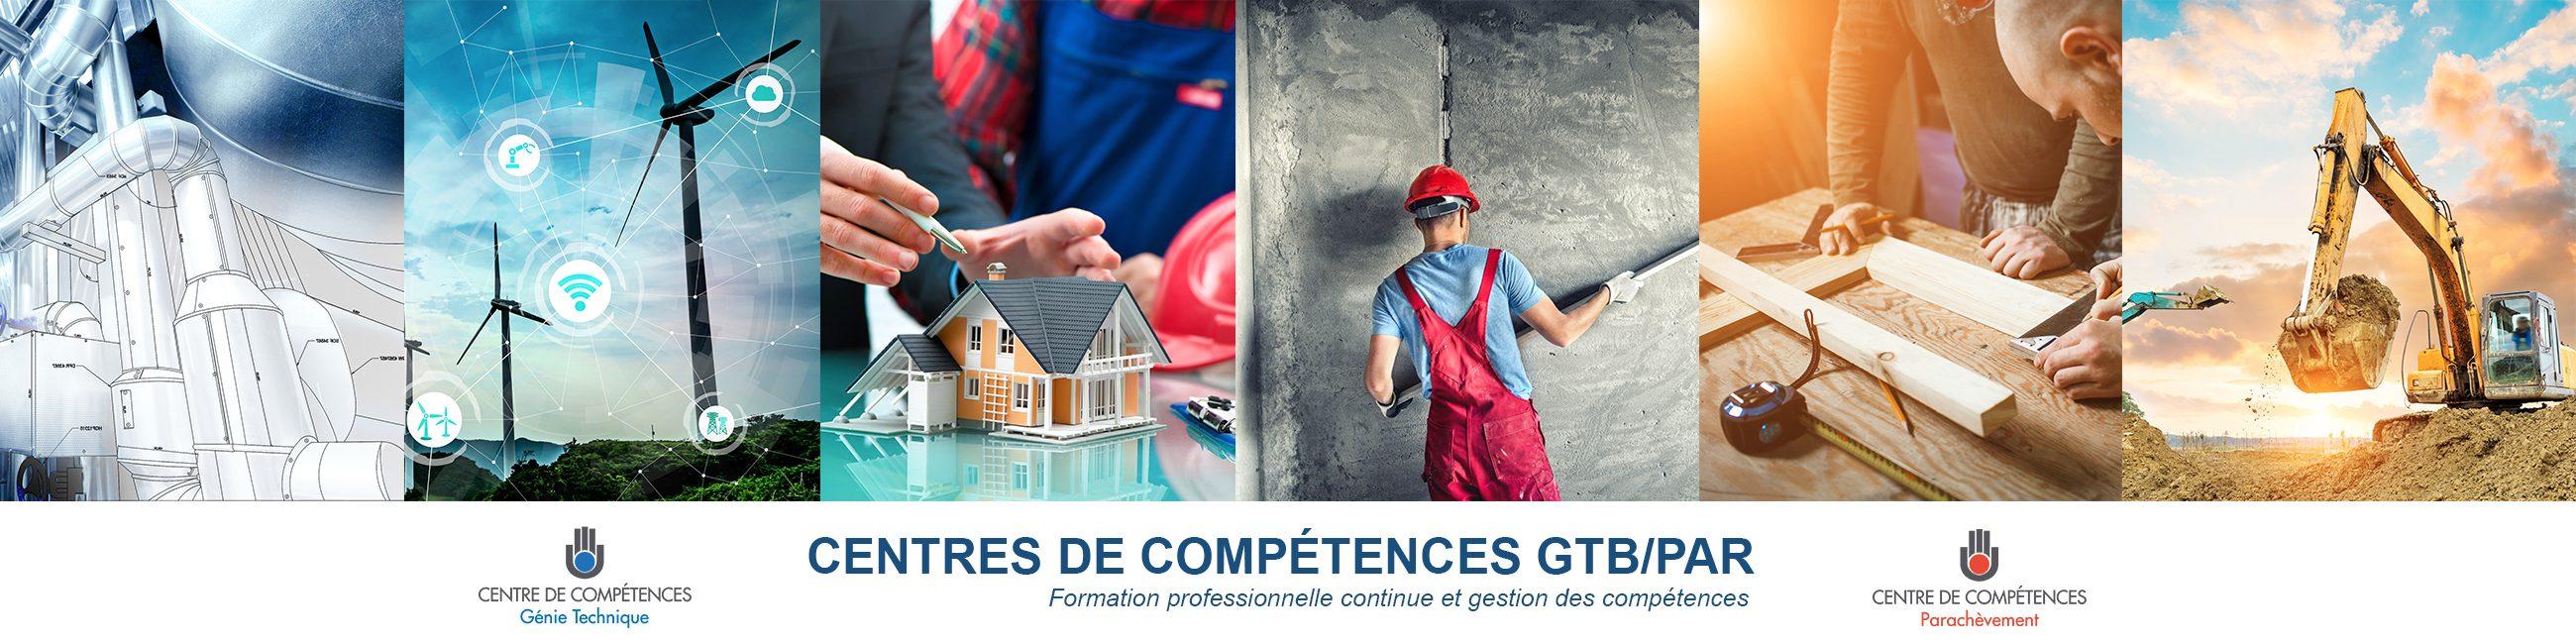 CENTRES DE COMPETENCES GTB/PAR